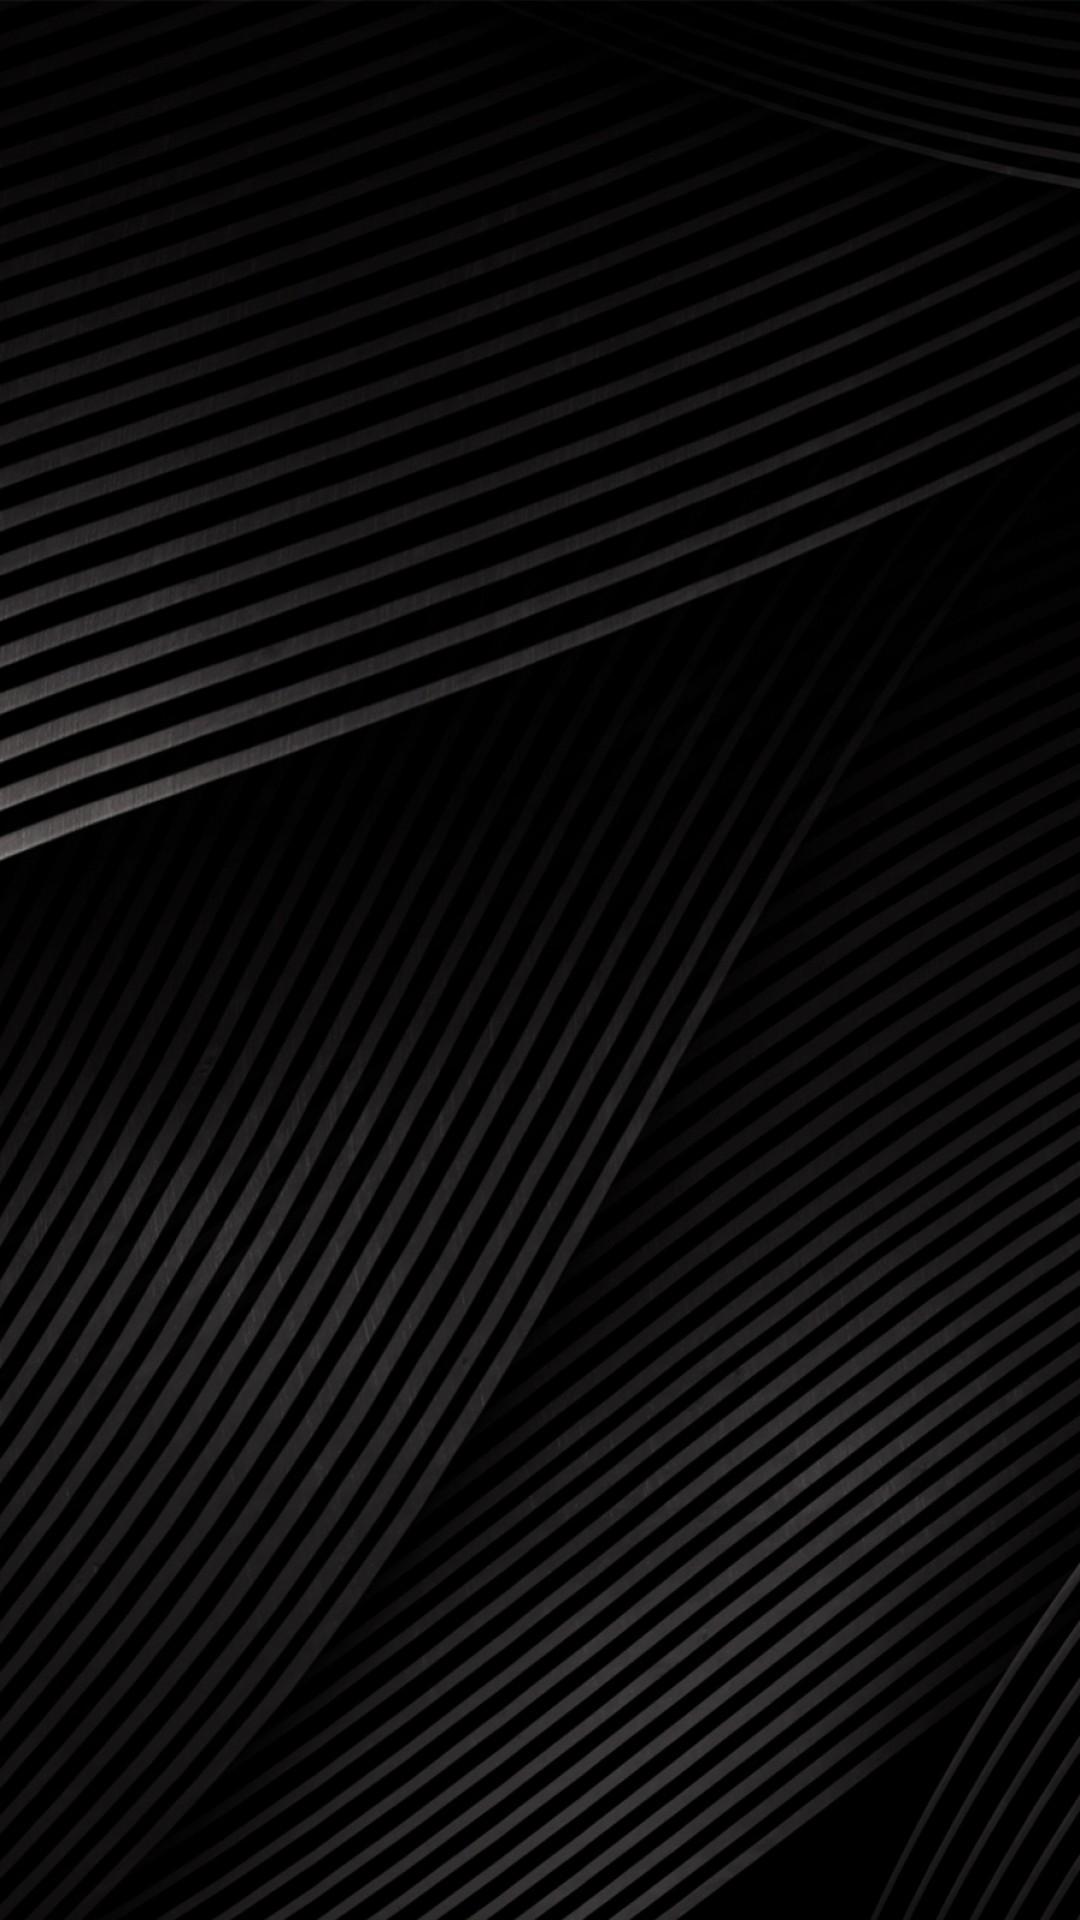 Black Phone Wallpapers - Wallpaper Cave